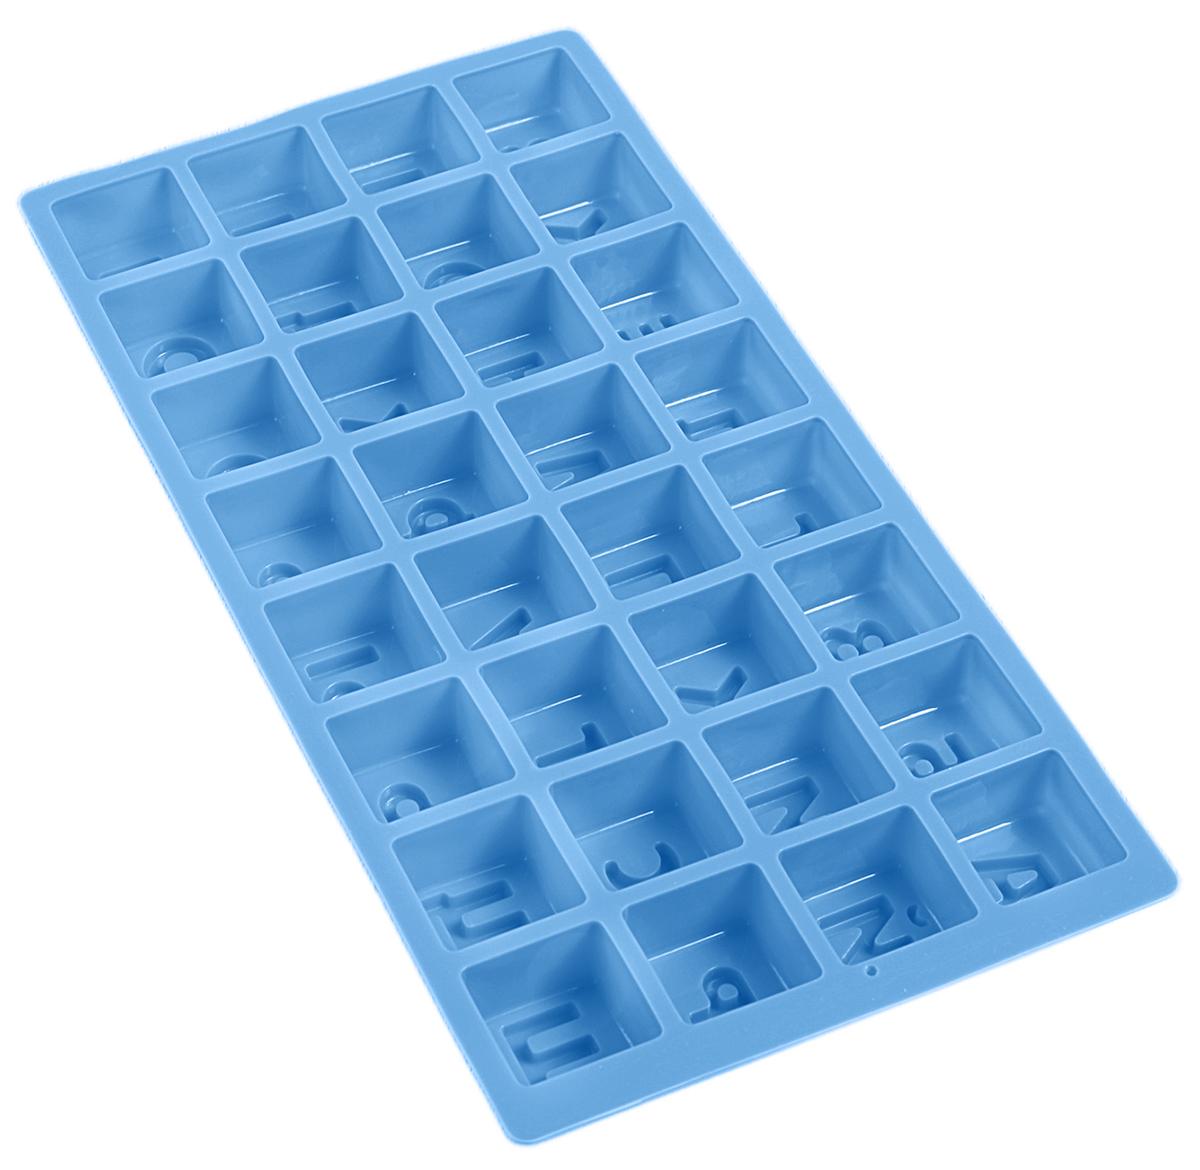 Форма для выпечки Доляна Алфавит, цвет: голубой, 35 х 18 х 3 см, 32 ячейки123155